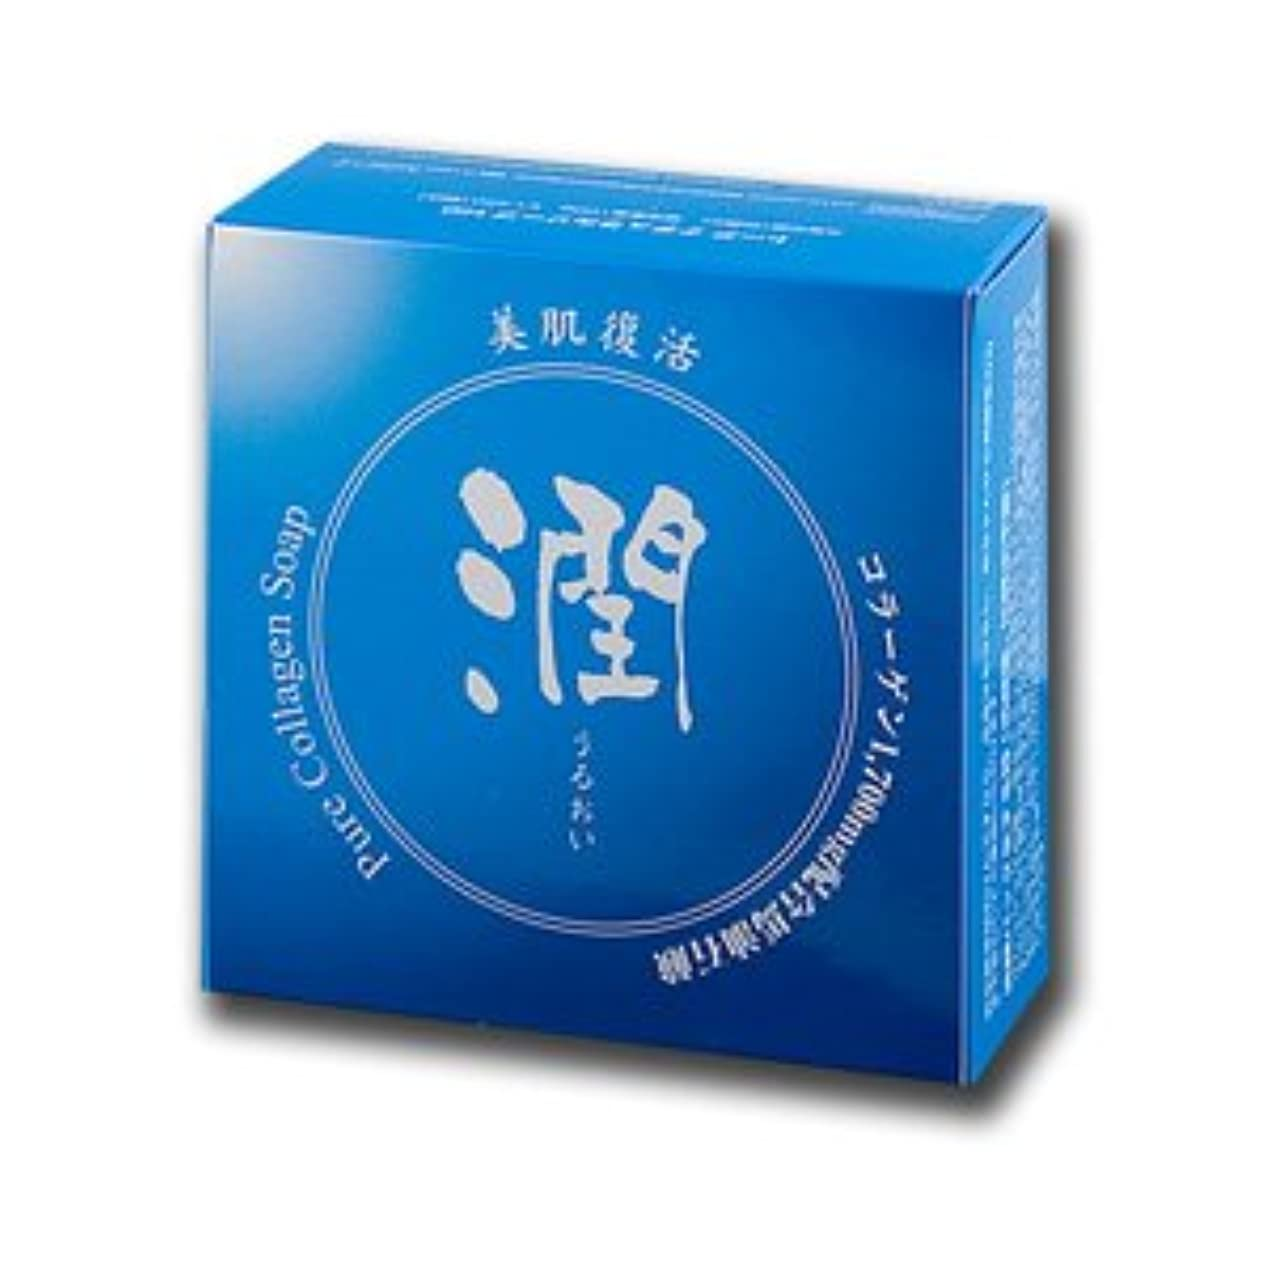 無謀テストマラウイコラーゲン馬油石鹸 潤 100g (#800410) ×10個セット